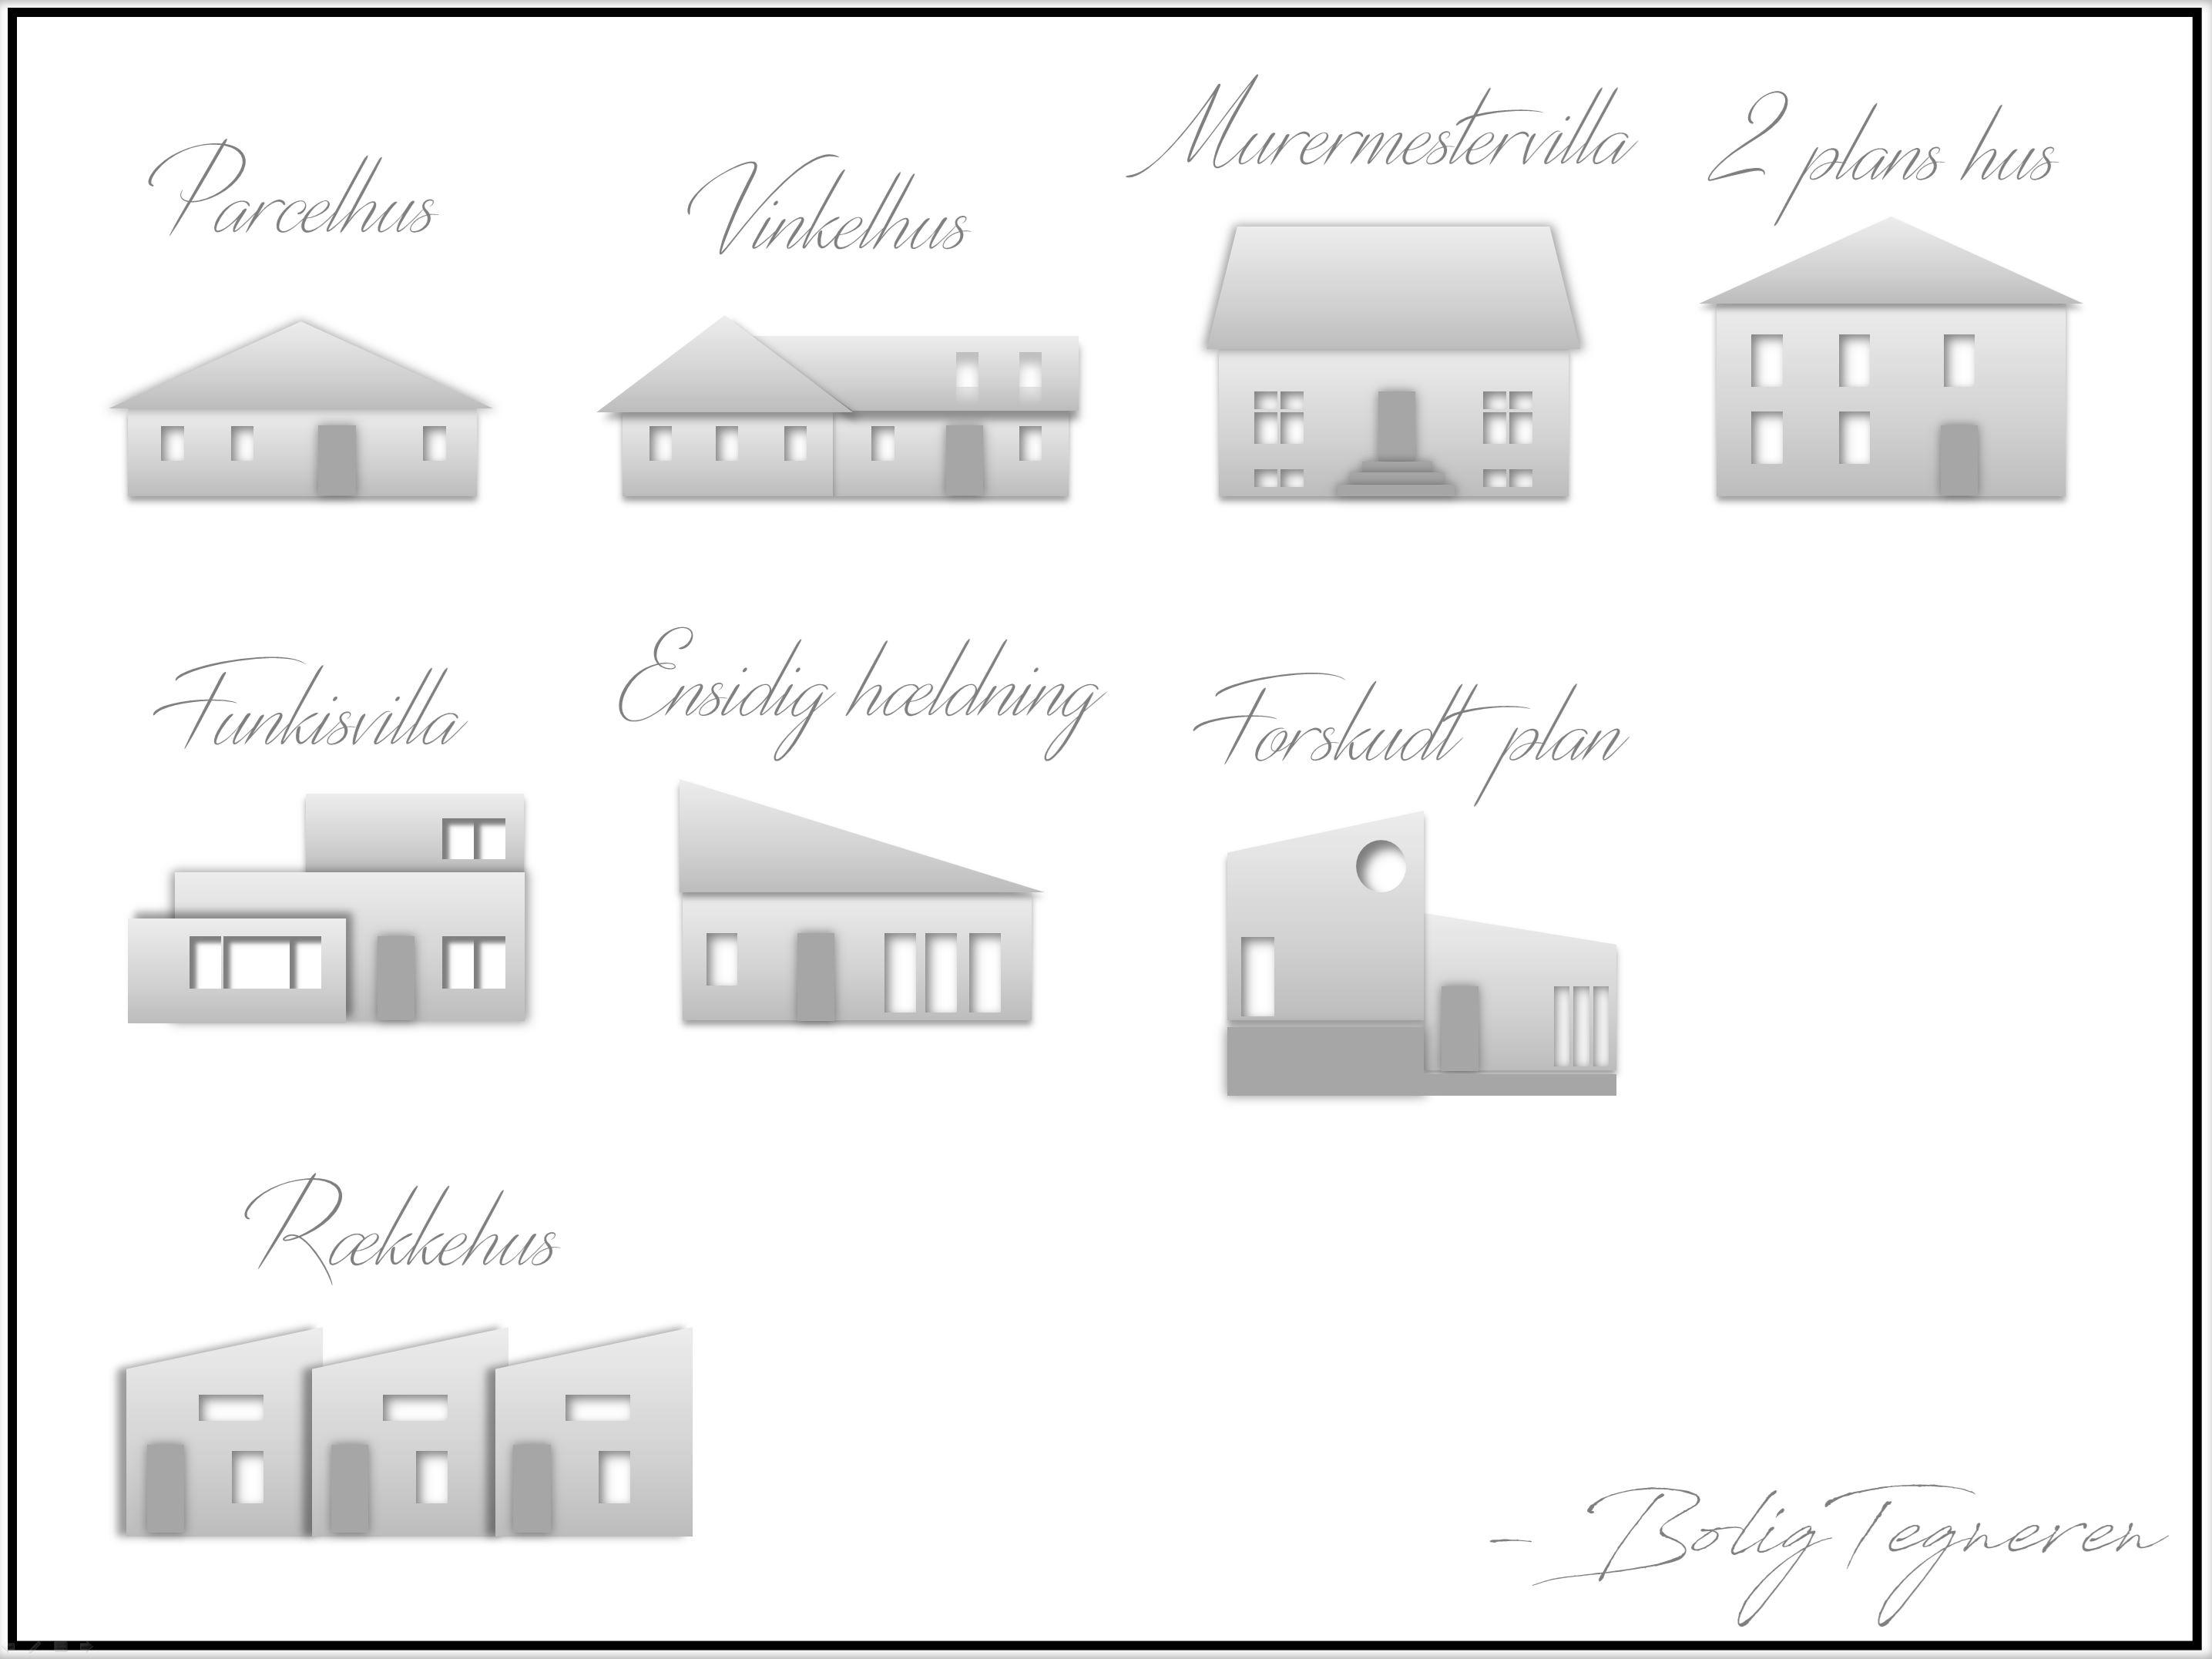 Hustyper parcelhus vinkelhus murermestervilla 2 plan funkisvilla rækkehus forskudt ensidig